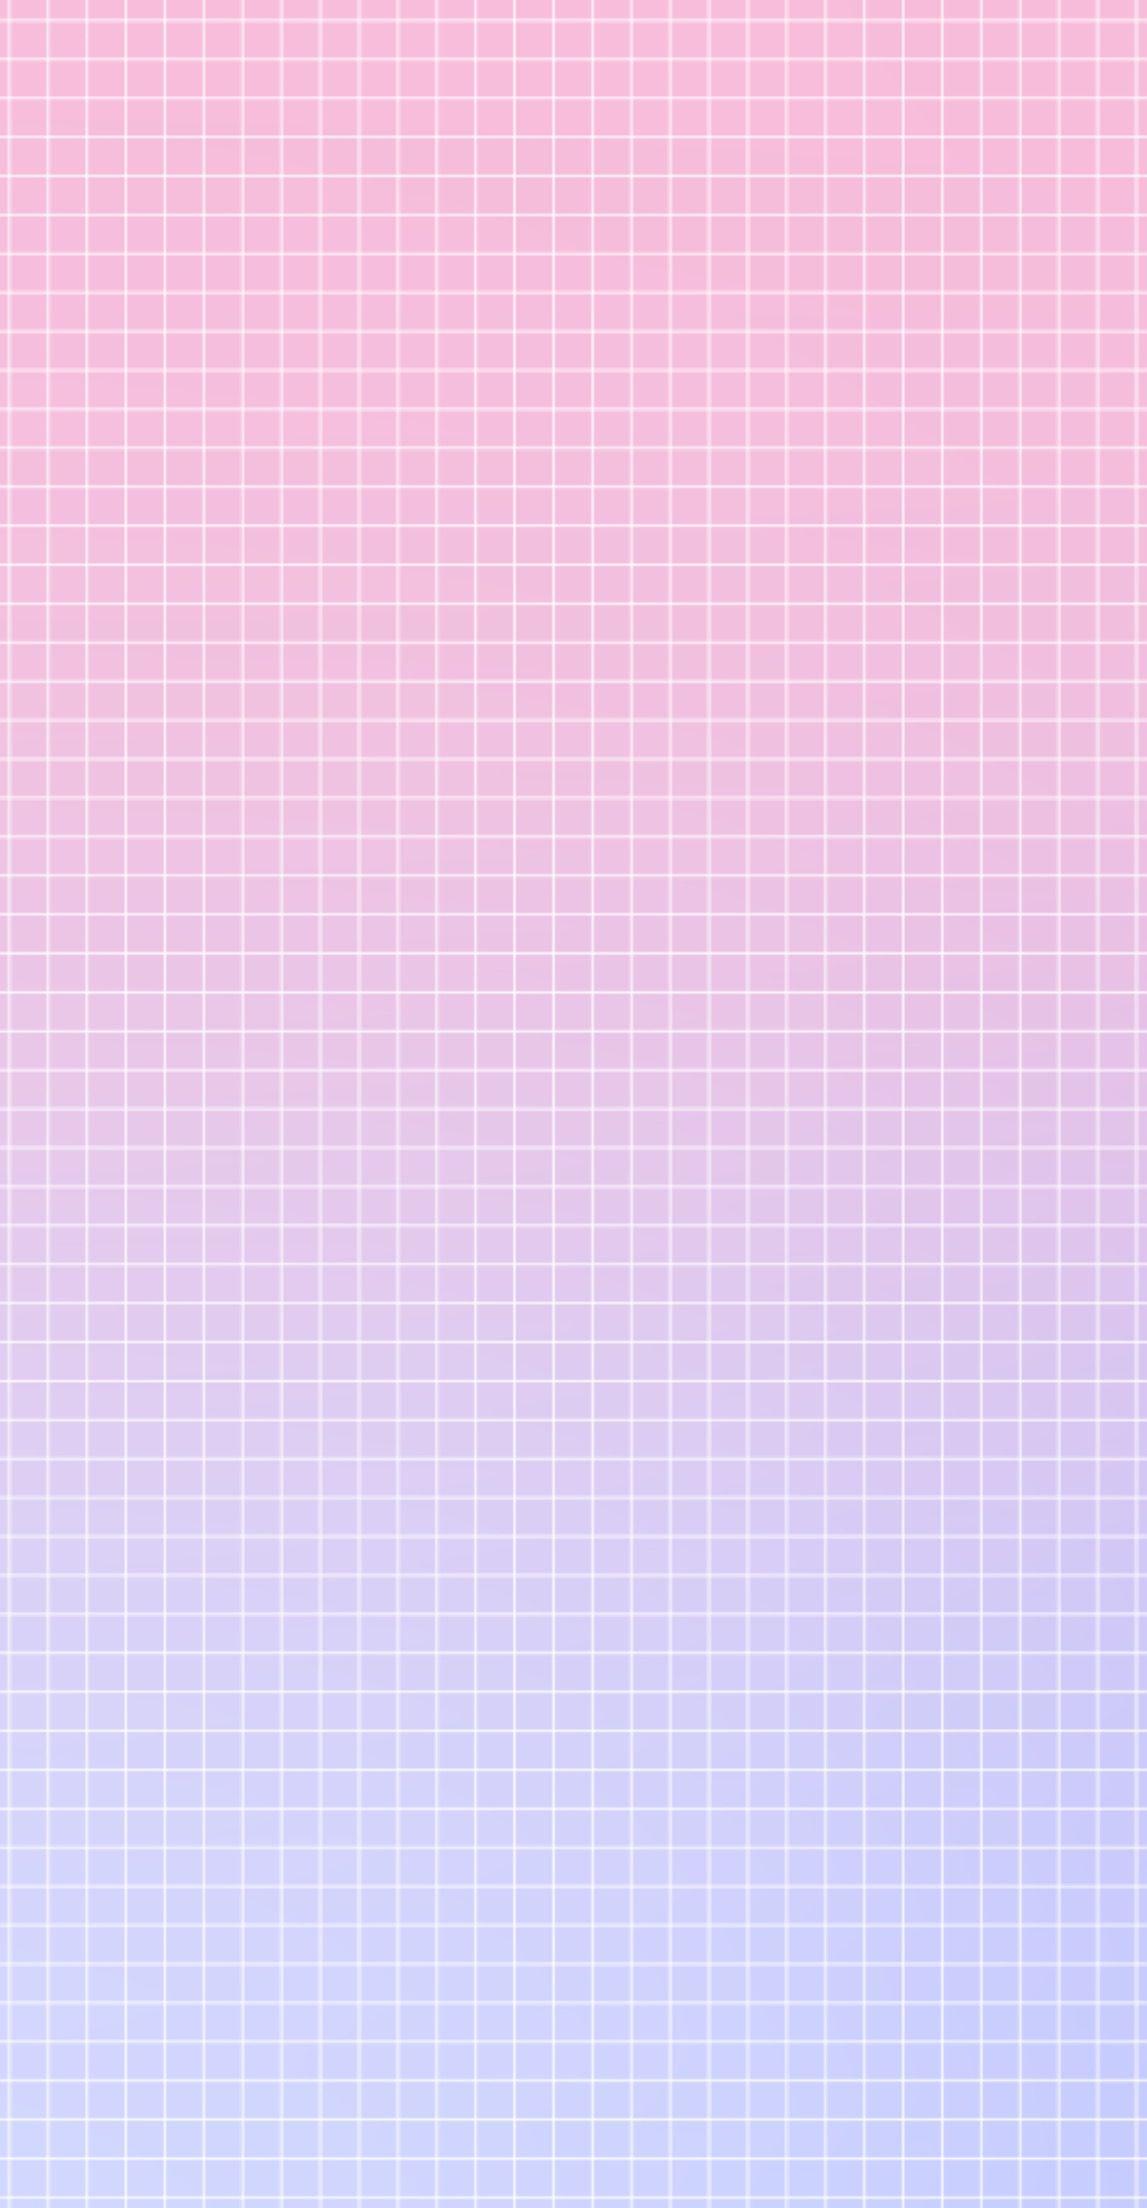 Wallpapers Brunocorreac Ruang Seni Kotak Kotak Kertas Dinding Aesthetic light pink grid wallpaper